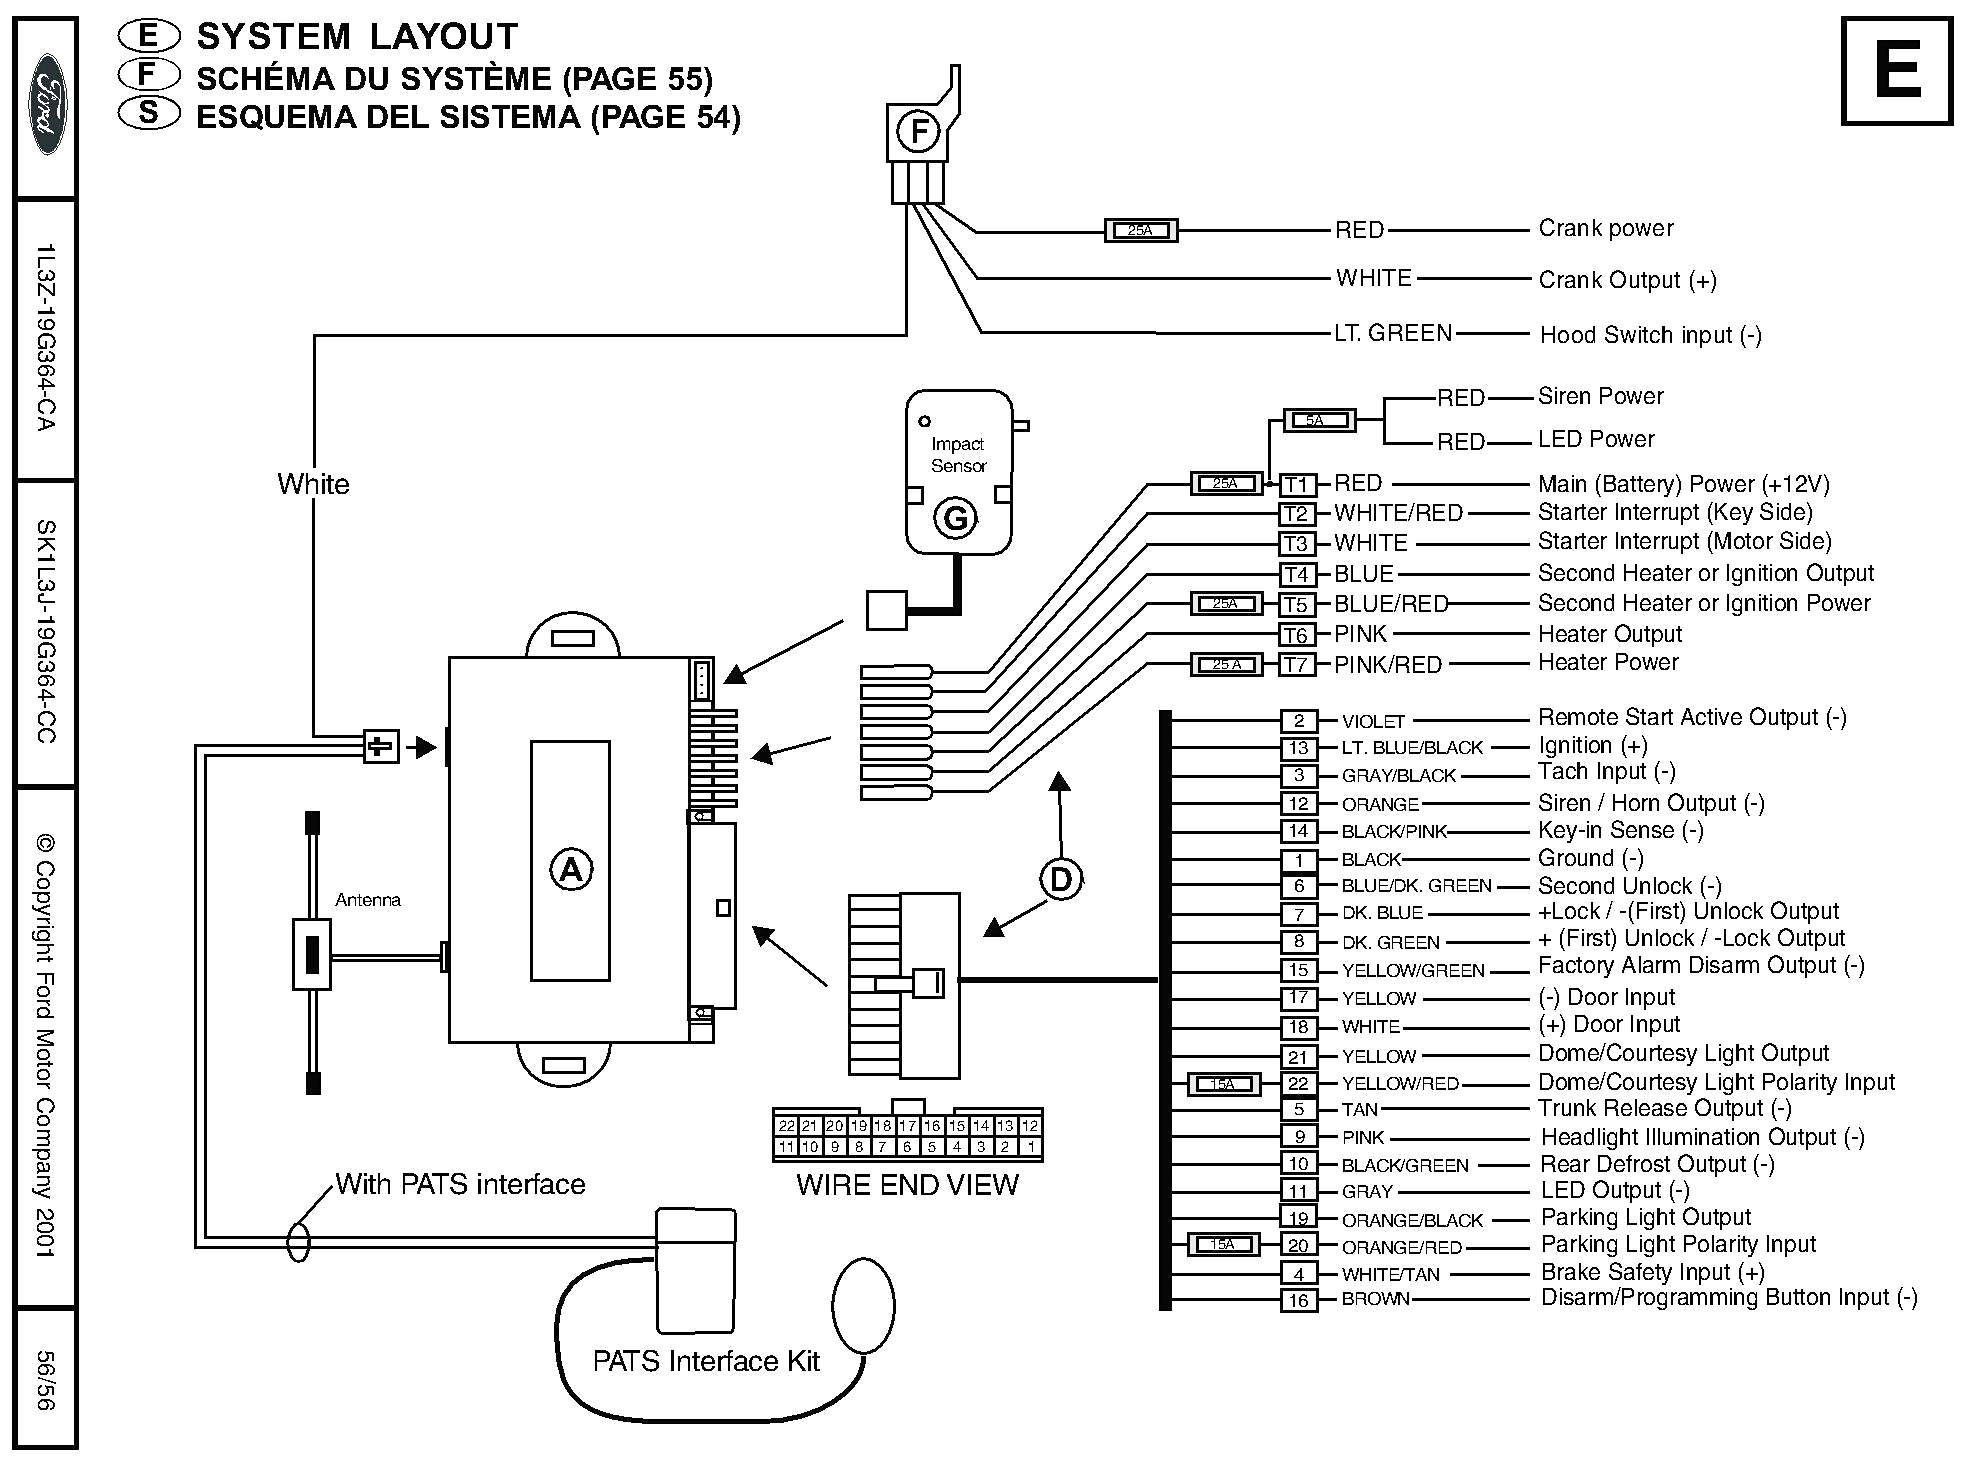 Bulldog Car Alarm Wiring Diagram Bulldog Security Wiring Diagrams and Mesmerizing Car Alarm Diagram Of Bulldog Car Alarm Wiring Diagram